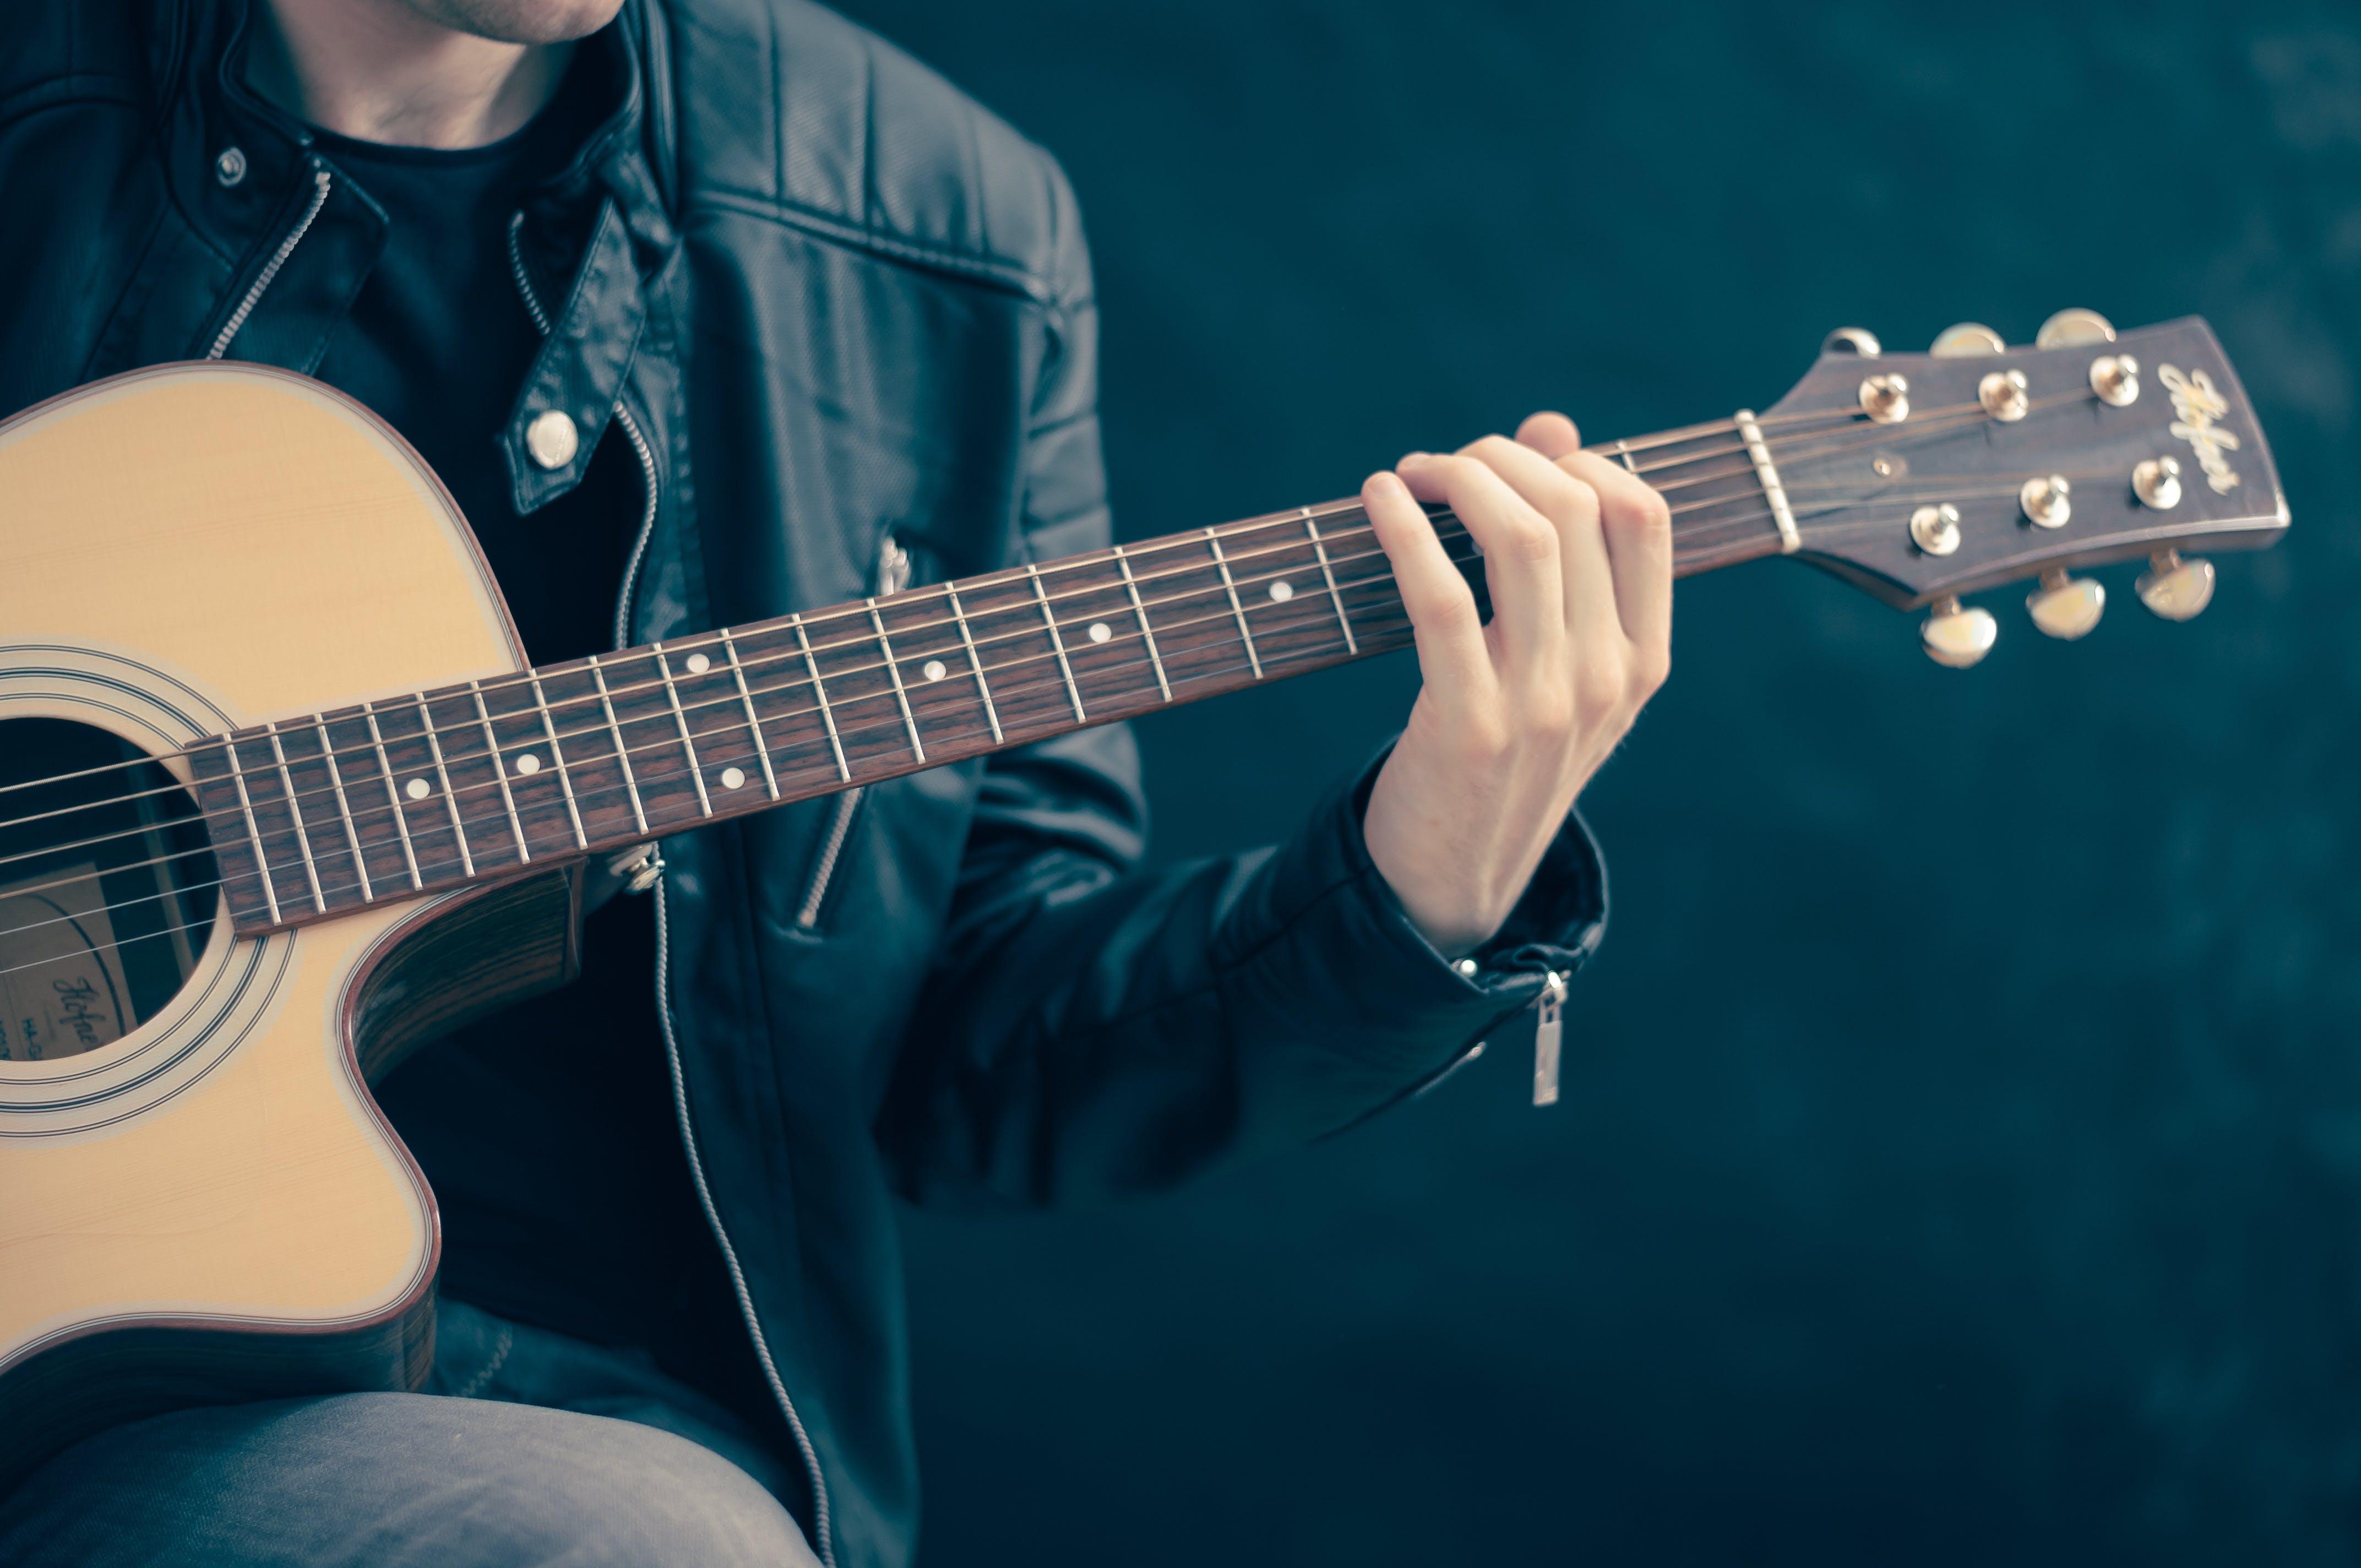 儀器, 吉他, 吉他手, 性能 的 免费素材照片